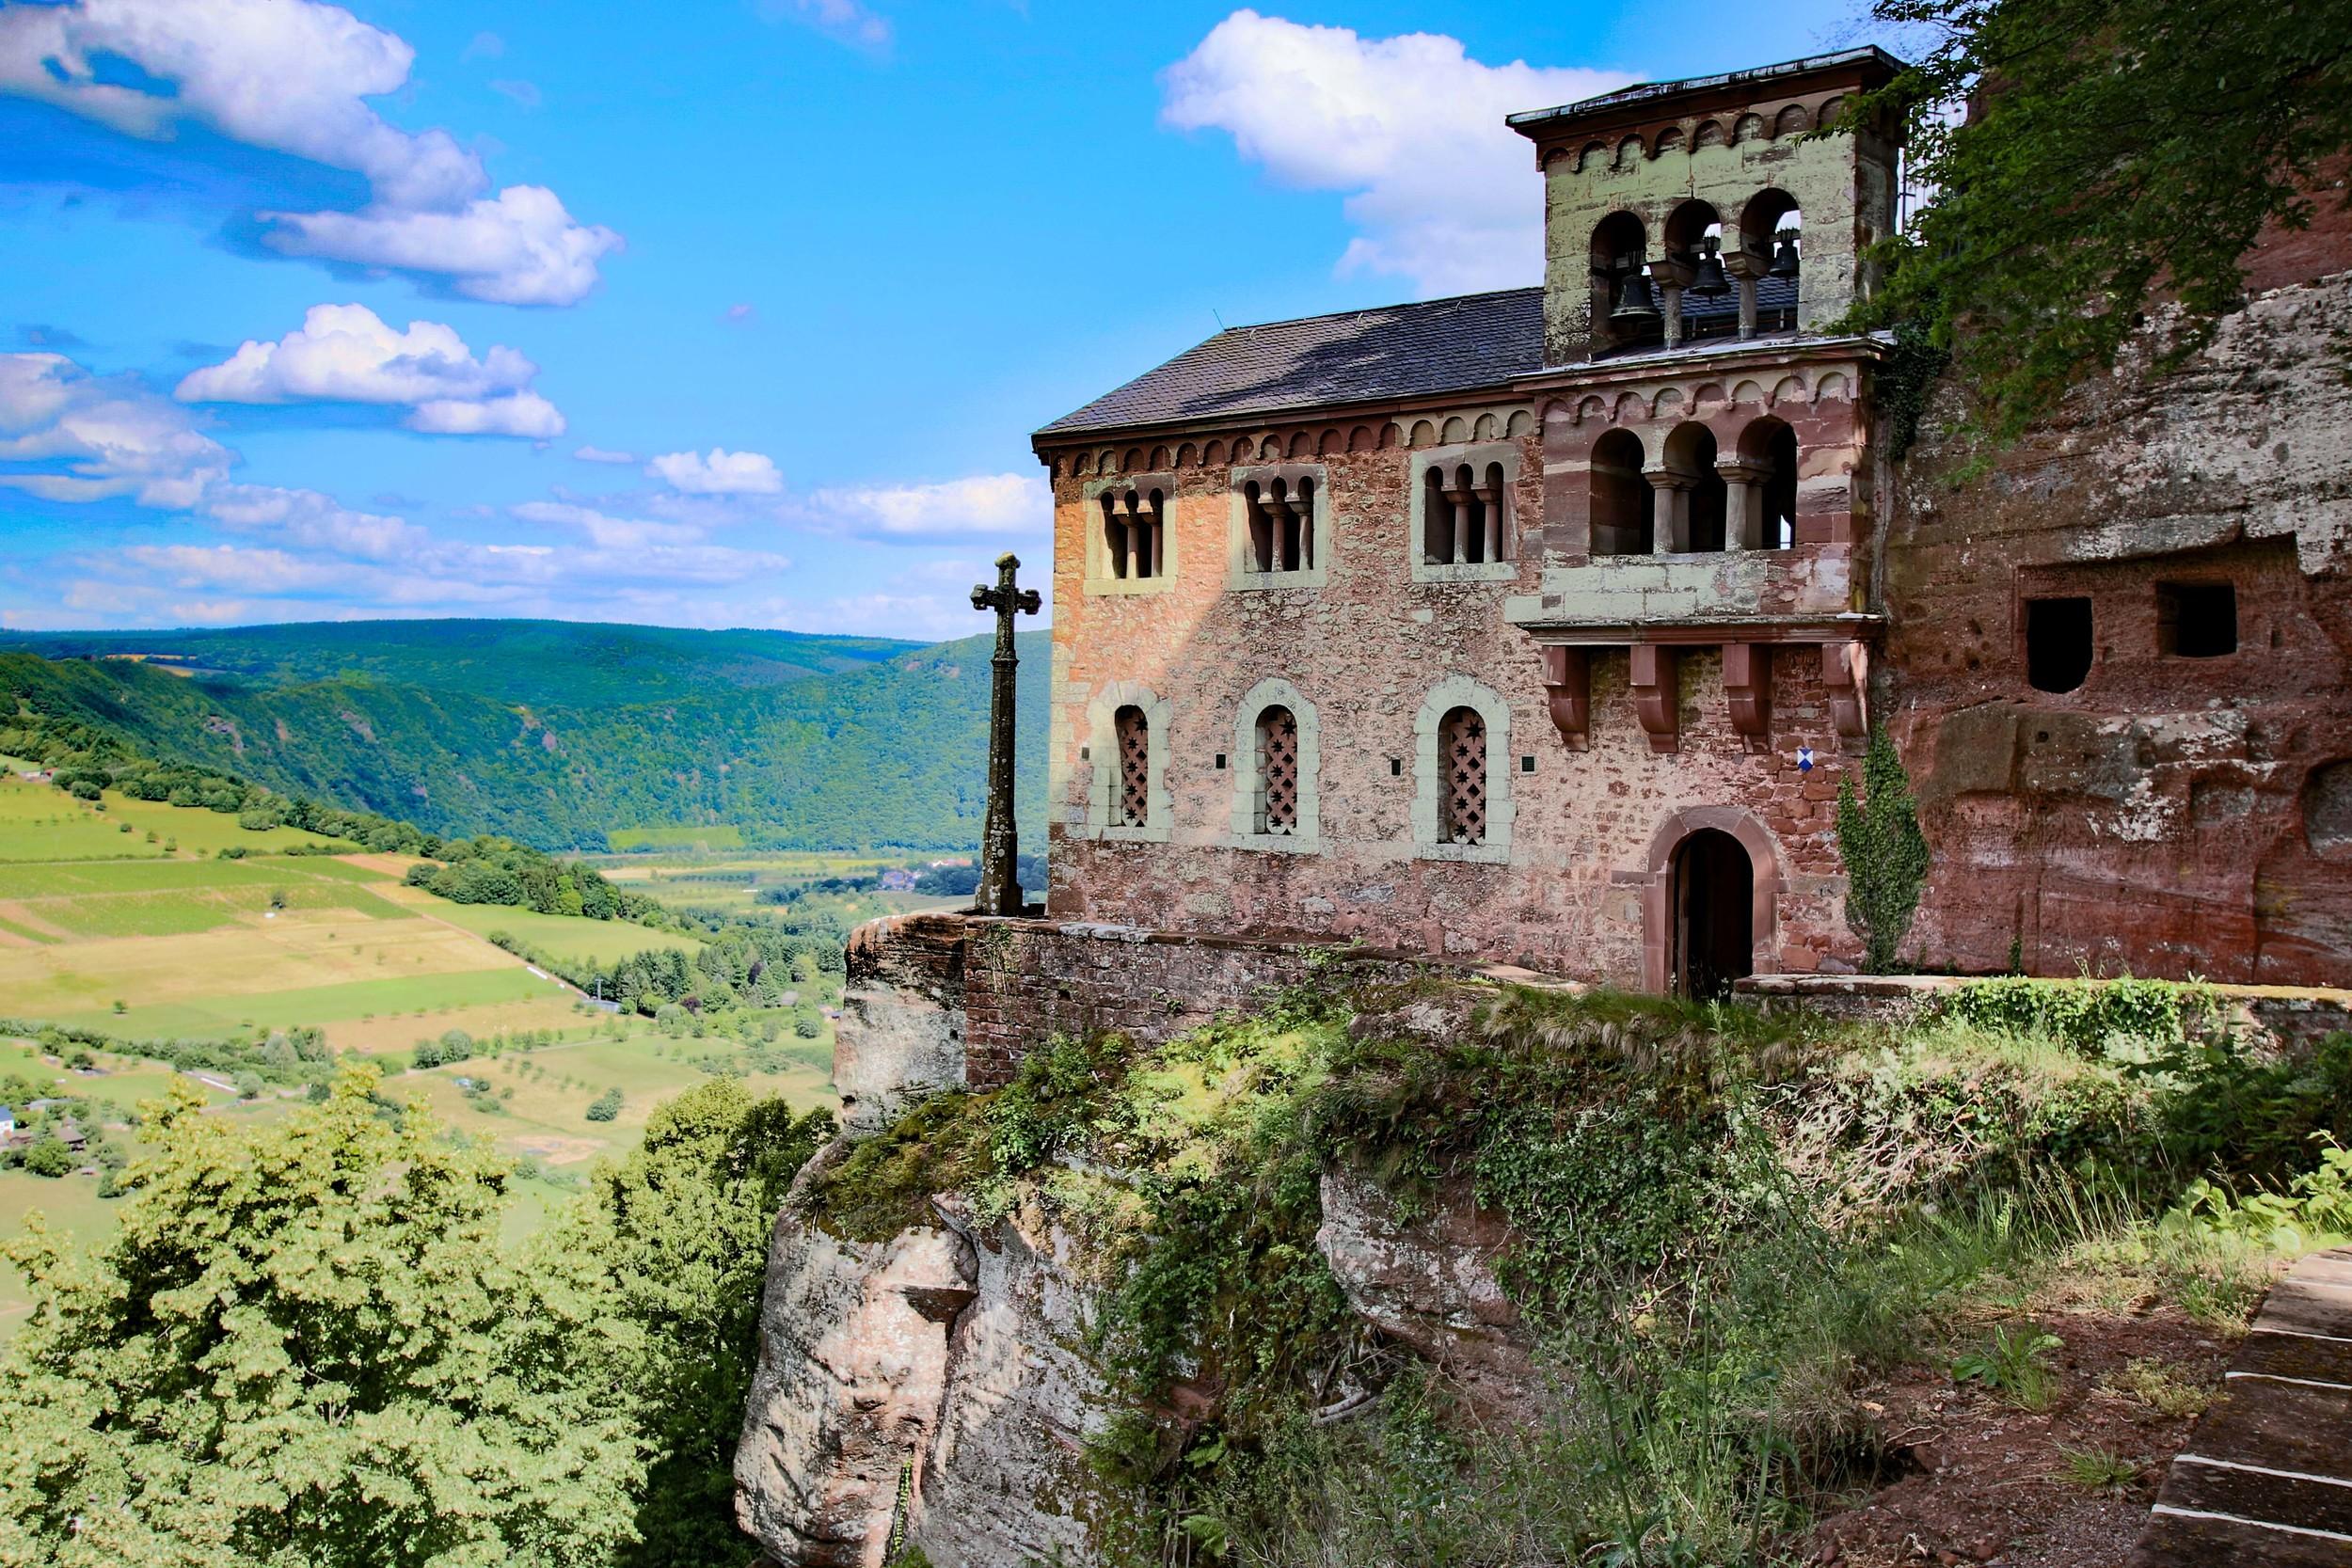 Hermit's cell overlooking the Saar river valley